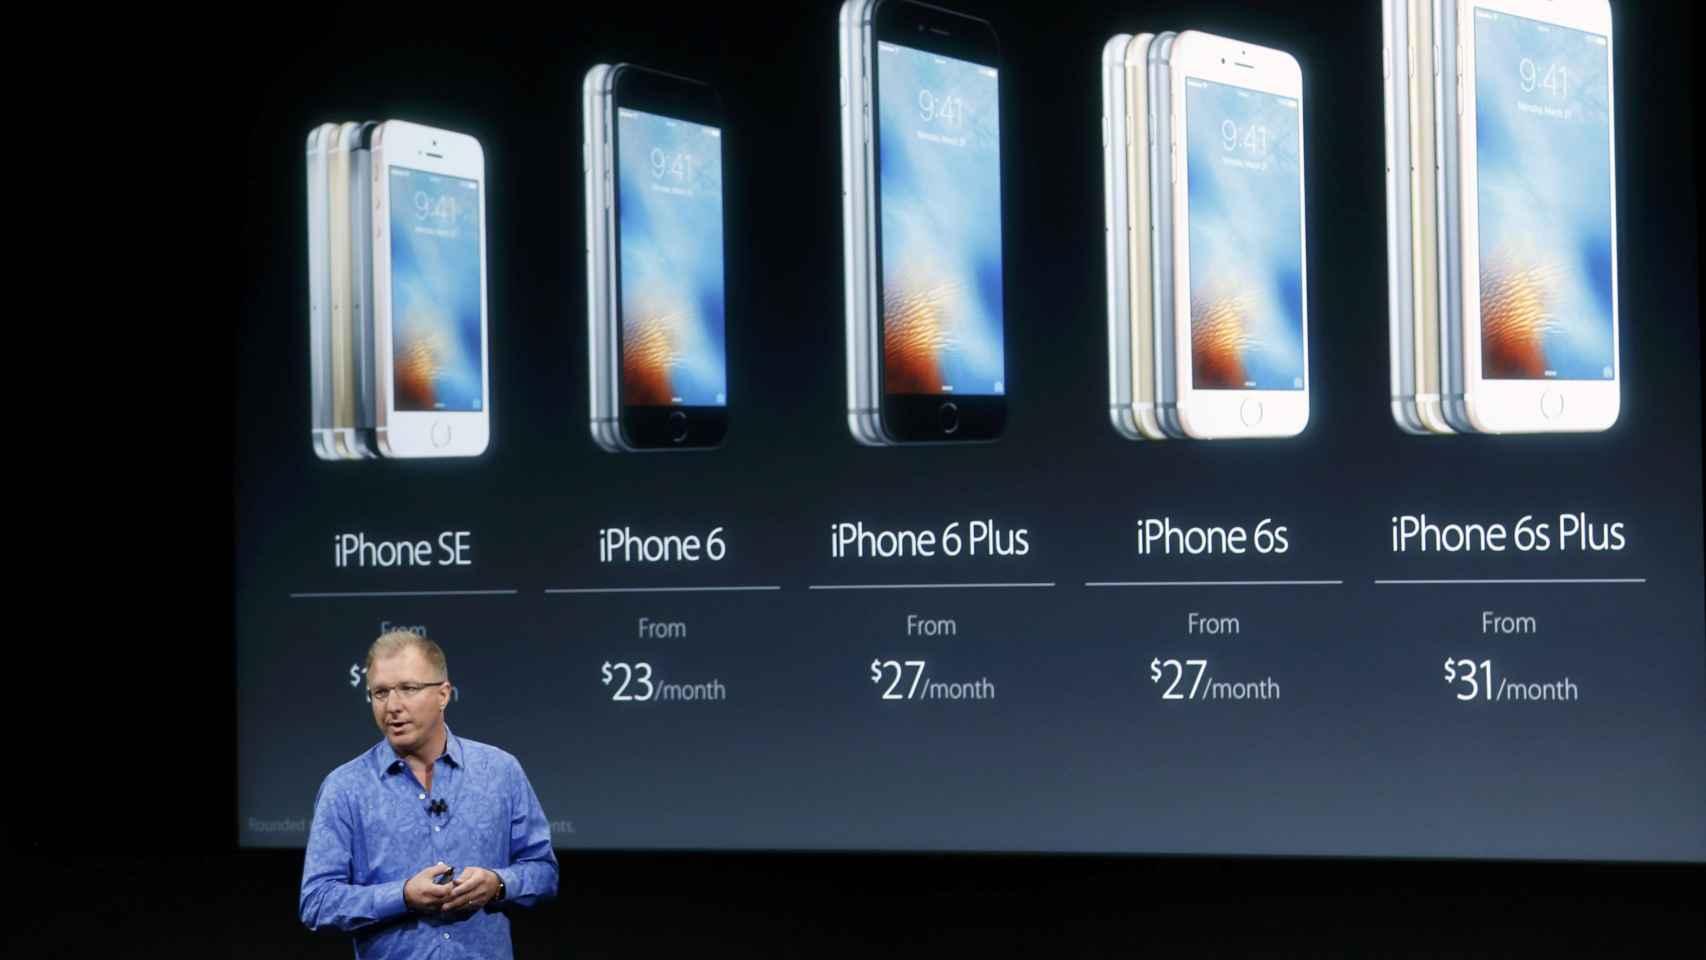 La familia de iPhones, con todos sus tamaños.